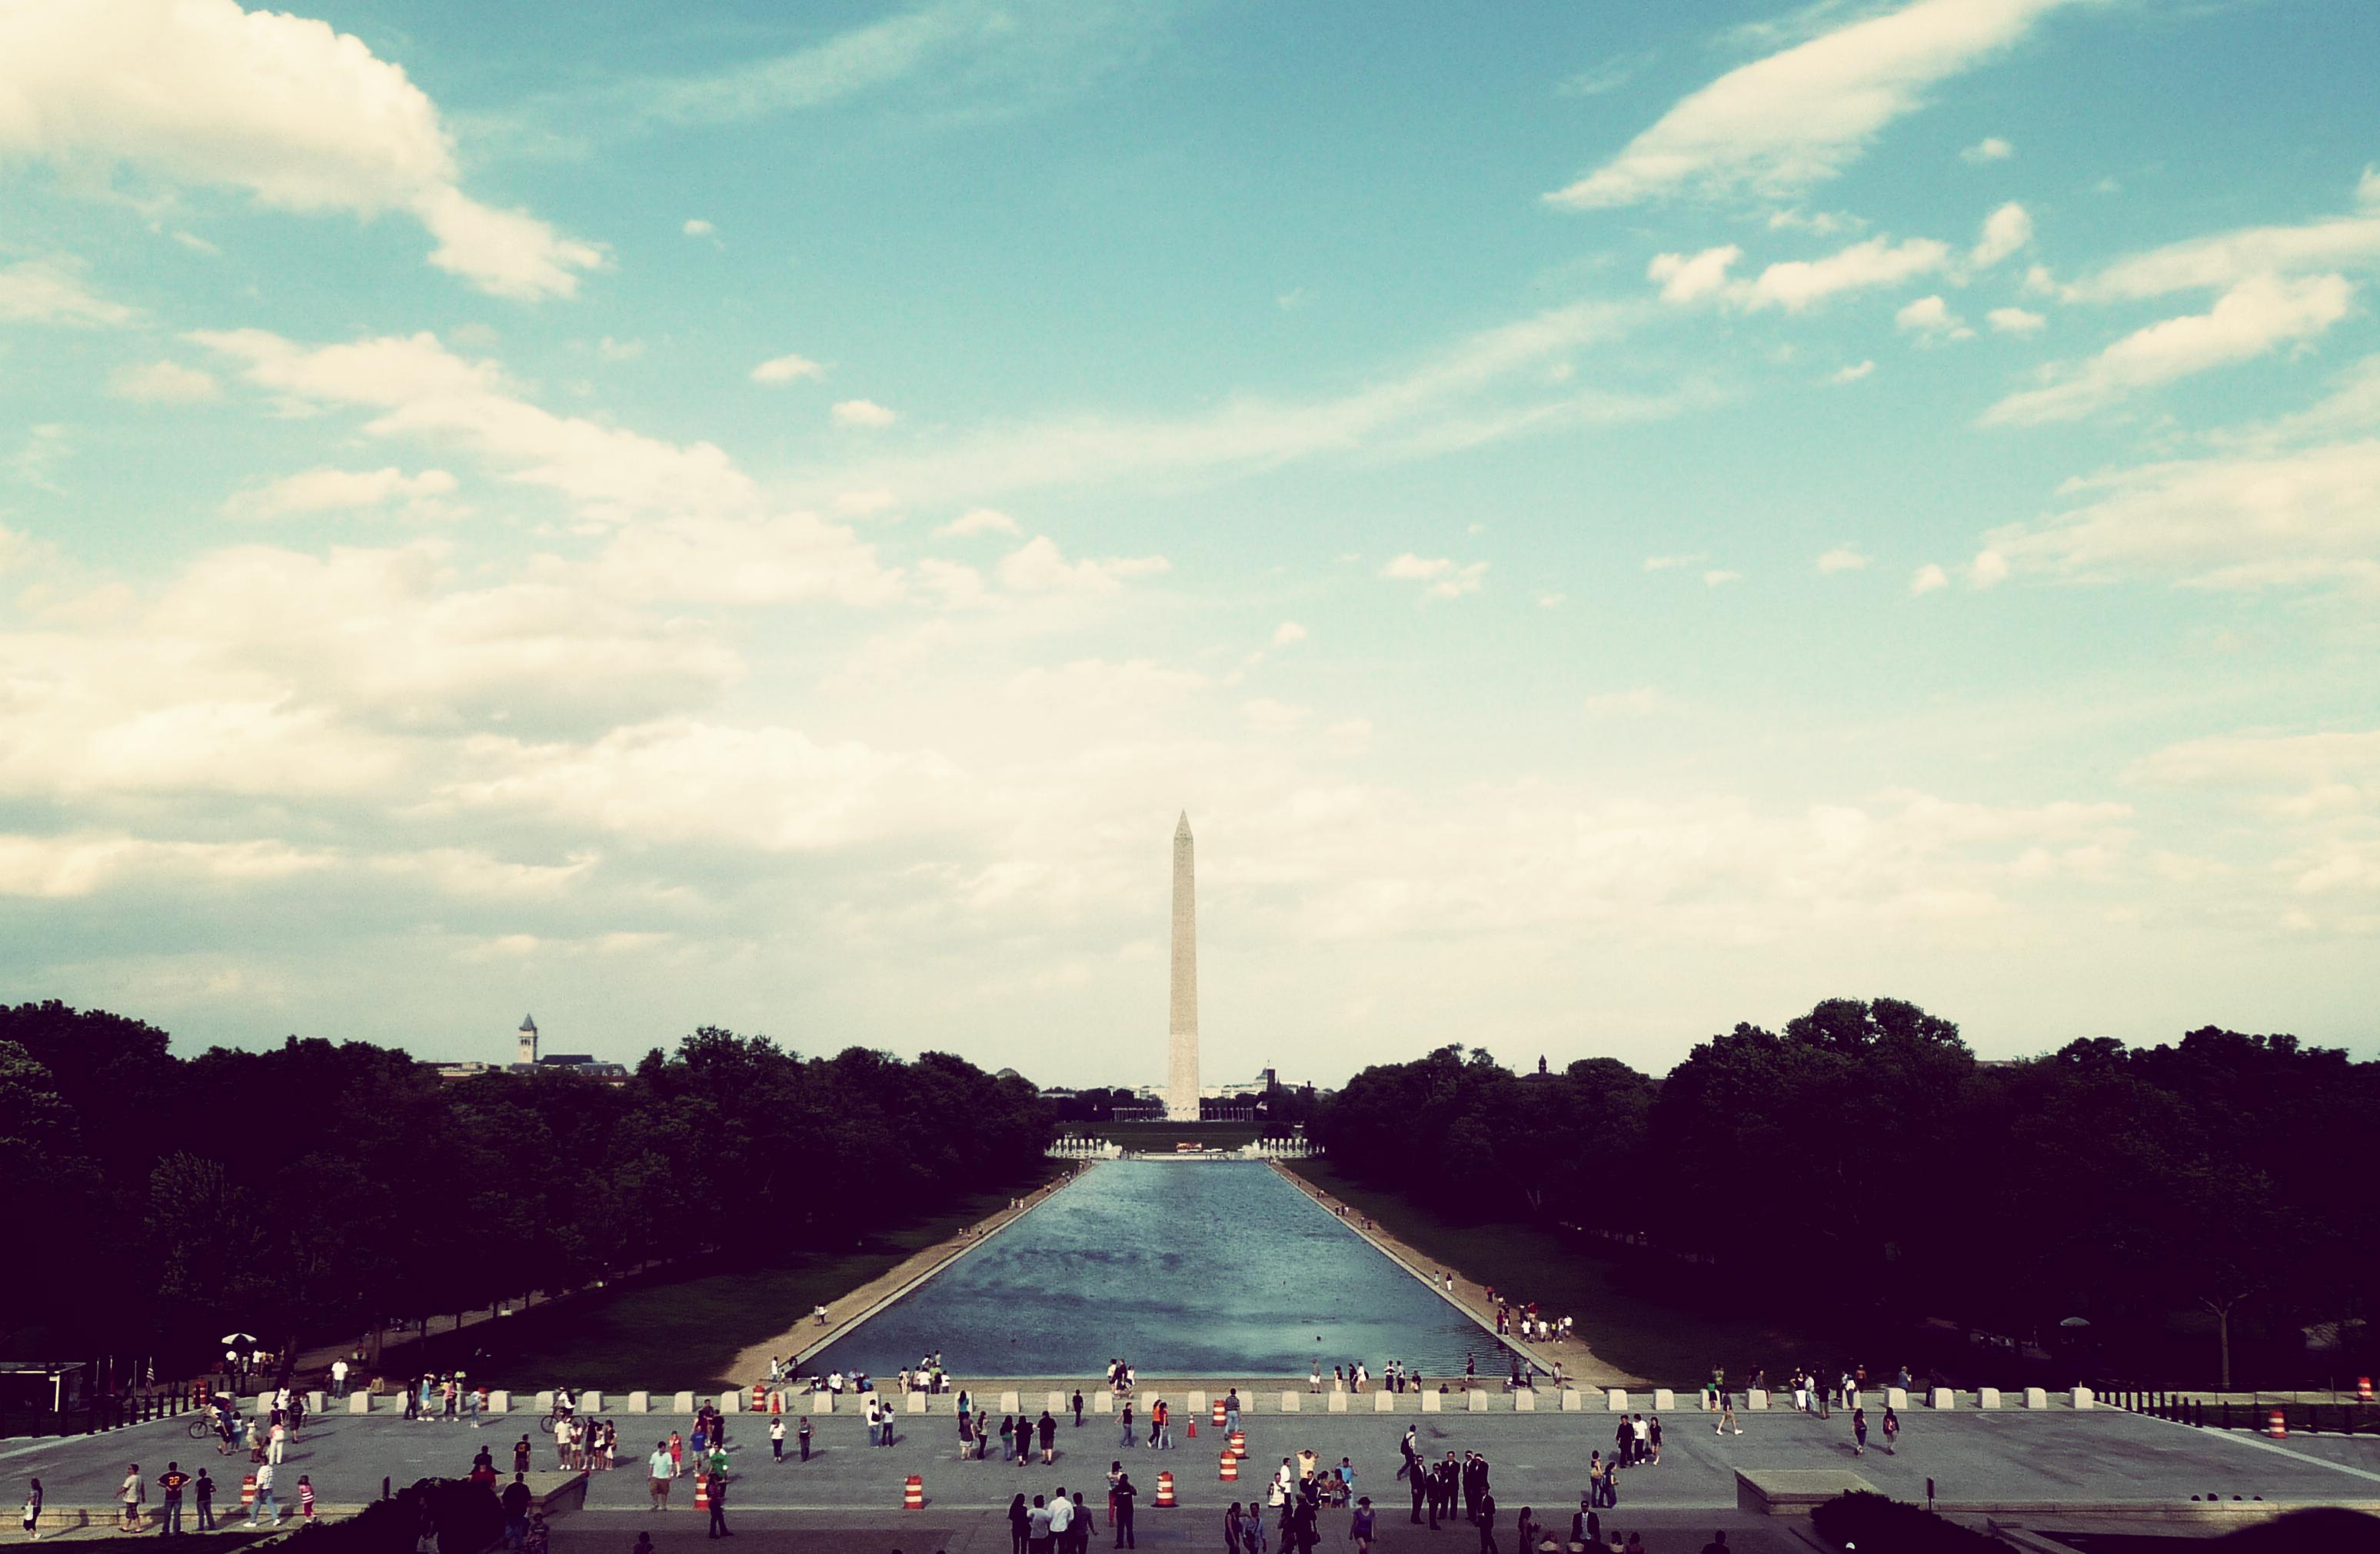 Washington D.C, Activity, Building, Clouds, Monument, HQ Photo